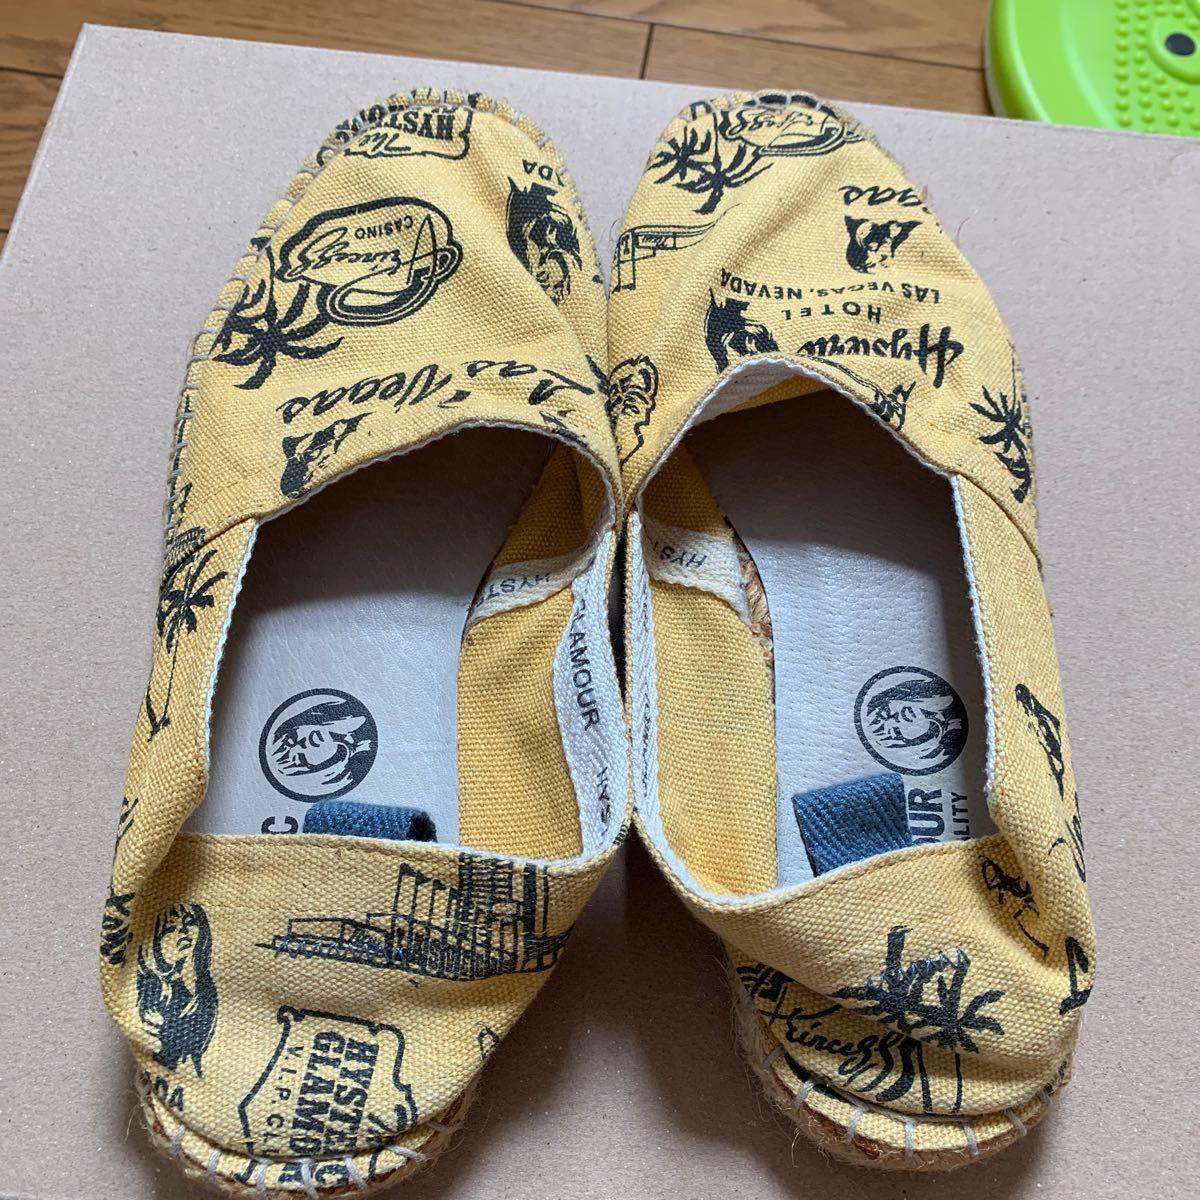 ヒステリックグラマー 靴 スニーカー ペナッシ スリッポン